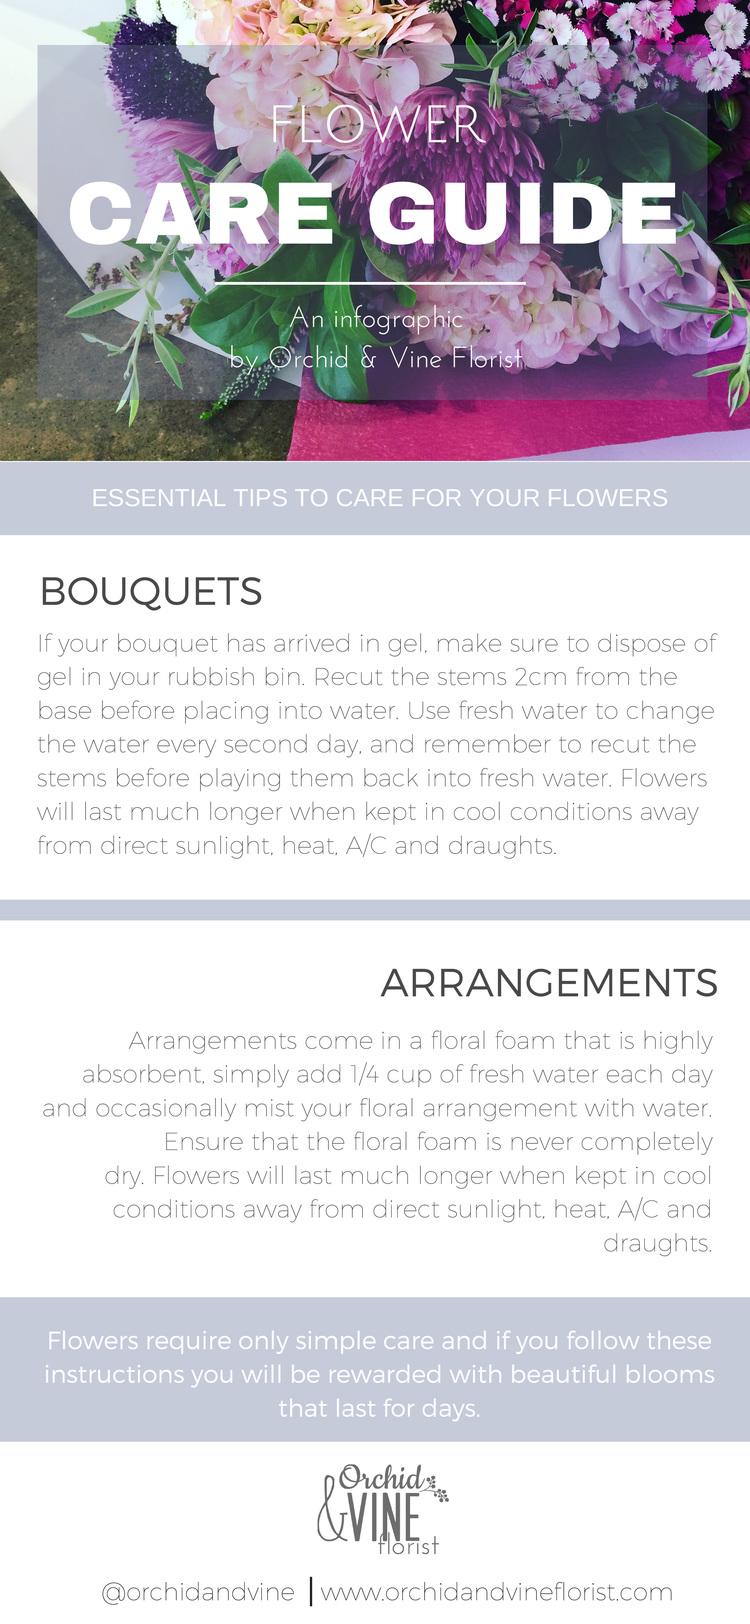 Orchid Vine Florist Flower Care Guide